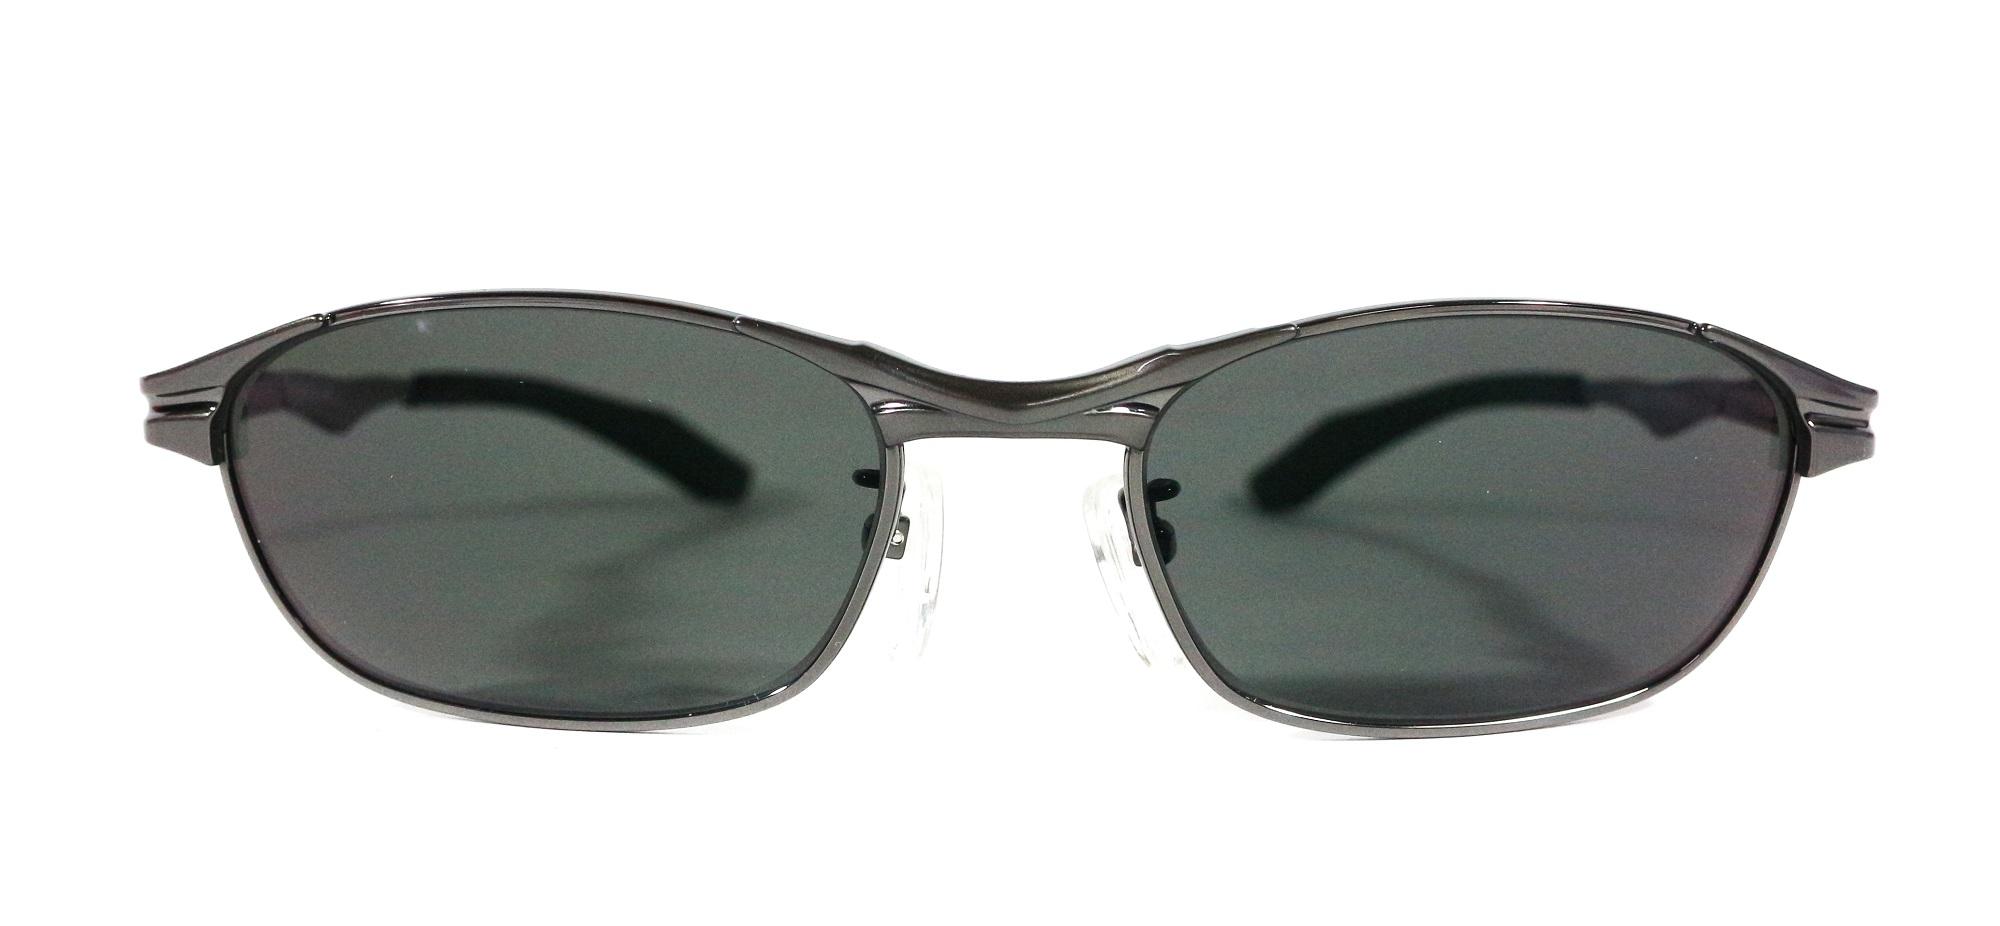 Zeque Polarised Fishing Sunglasses Avenge Elf F-1161 CHROME TV FOCUS (3336)